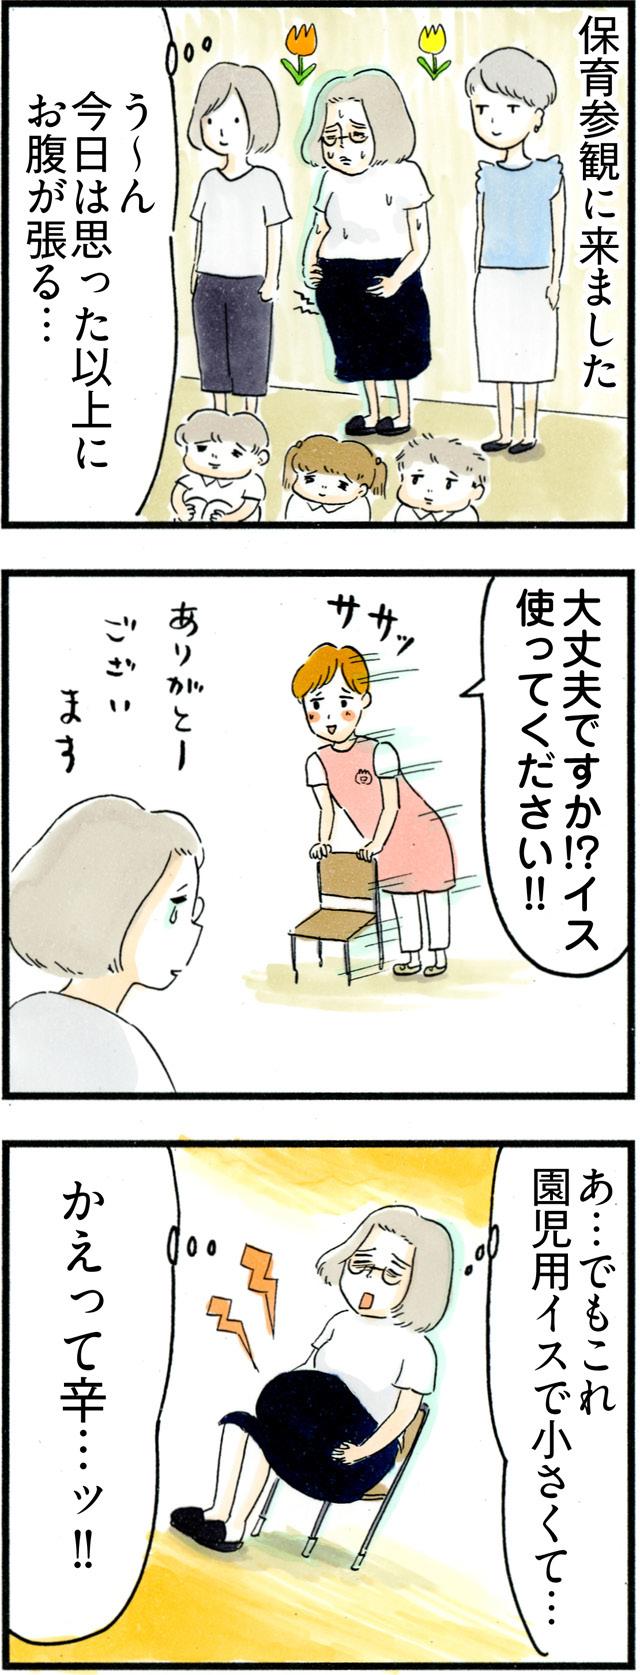 私、お姉ちゃんになるの?/夫!惚れ直したよ…!おすすめ記事4選の画像8